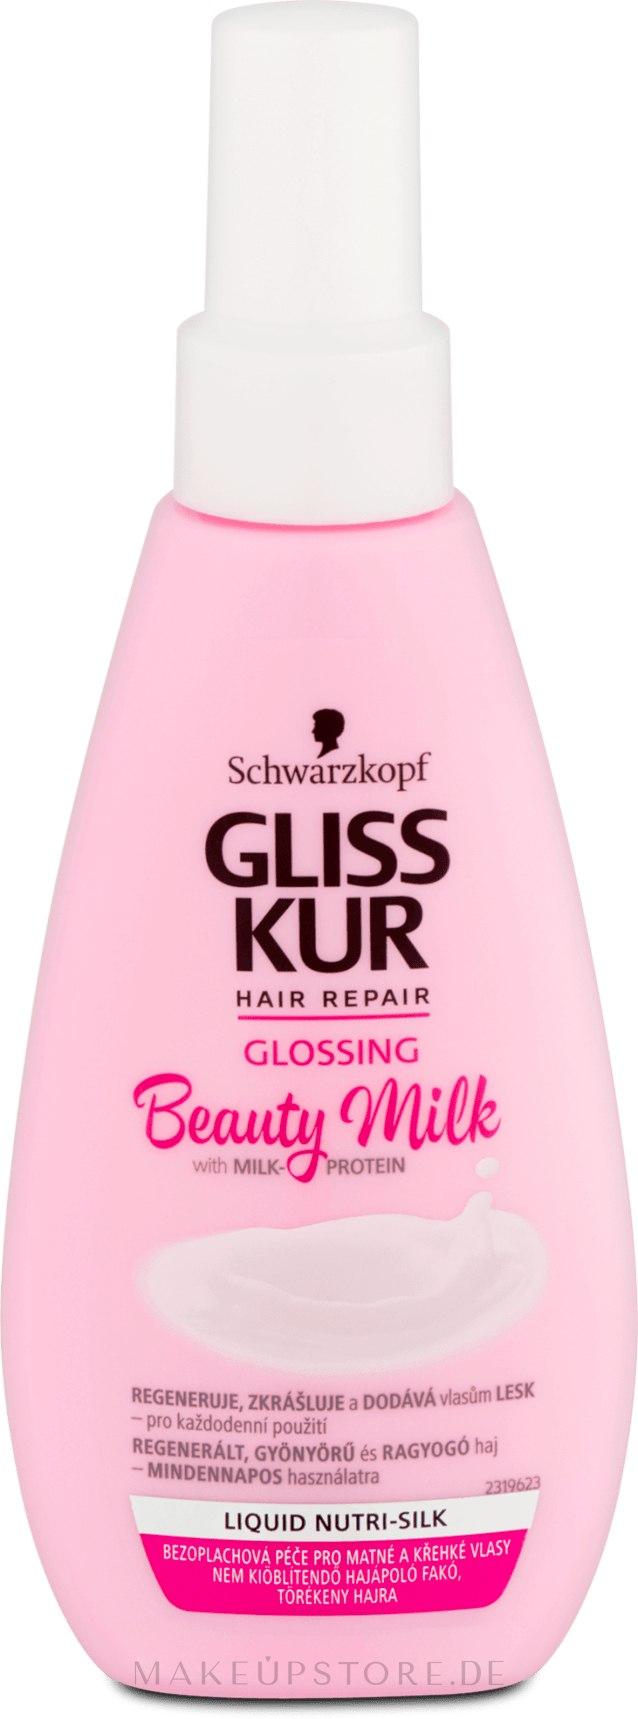 Gliss Kur mit Milch-Protein für strapaziertes und geschädigtes Haar - Gliss Kur Repairing Beauty Milk — Bild 150 ml